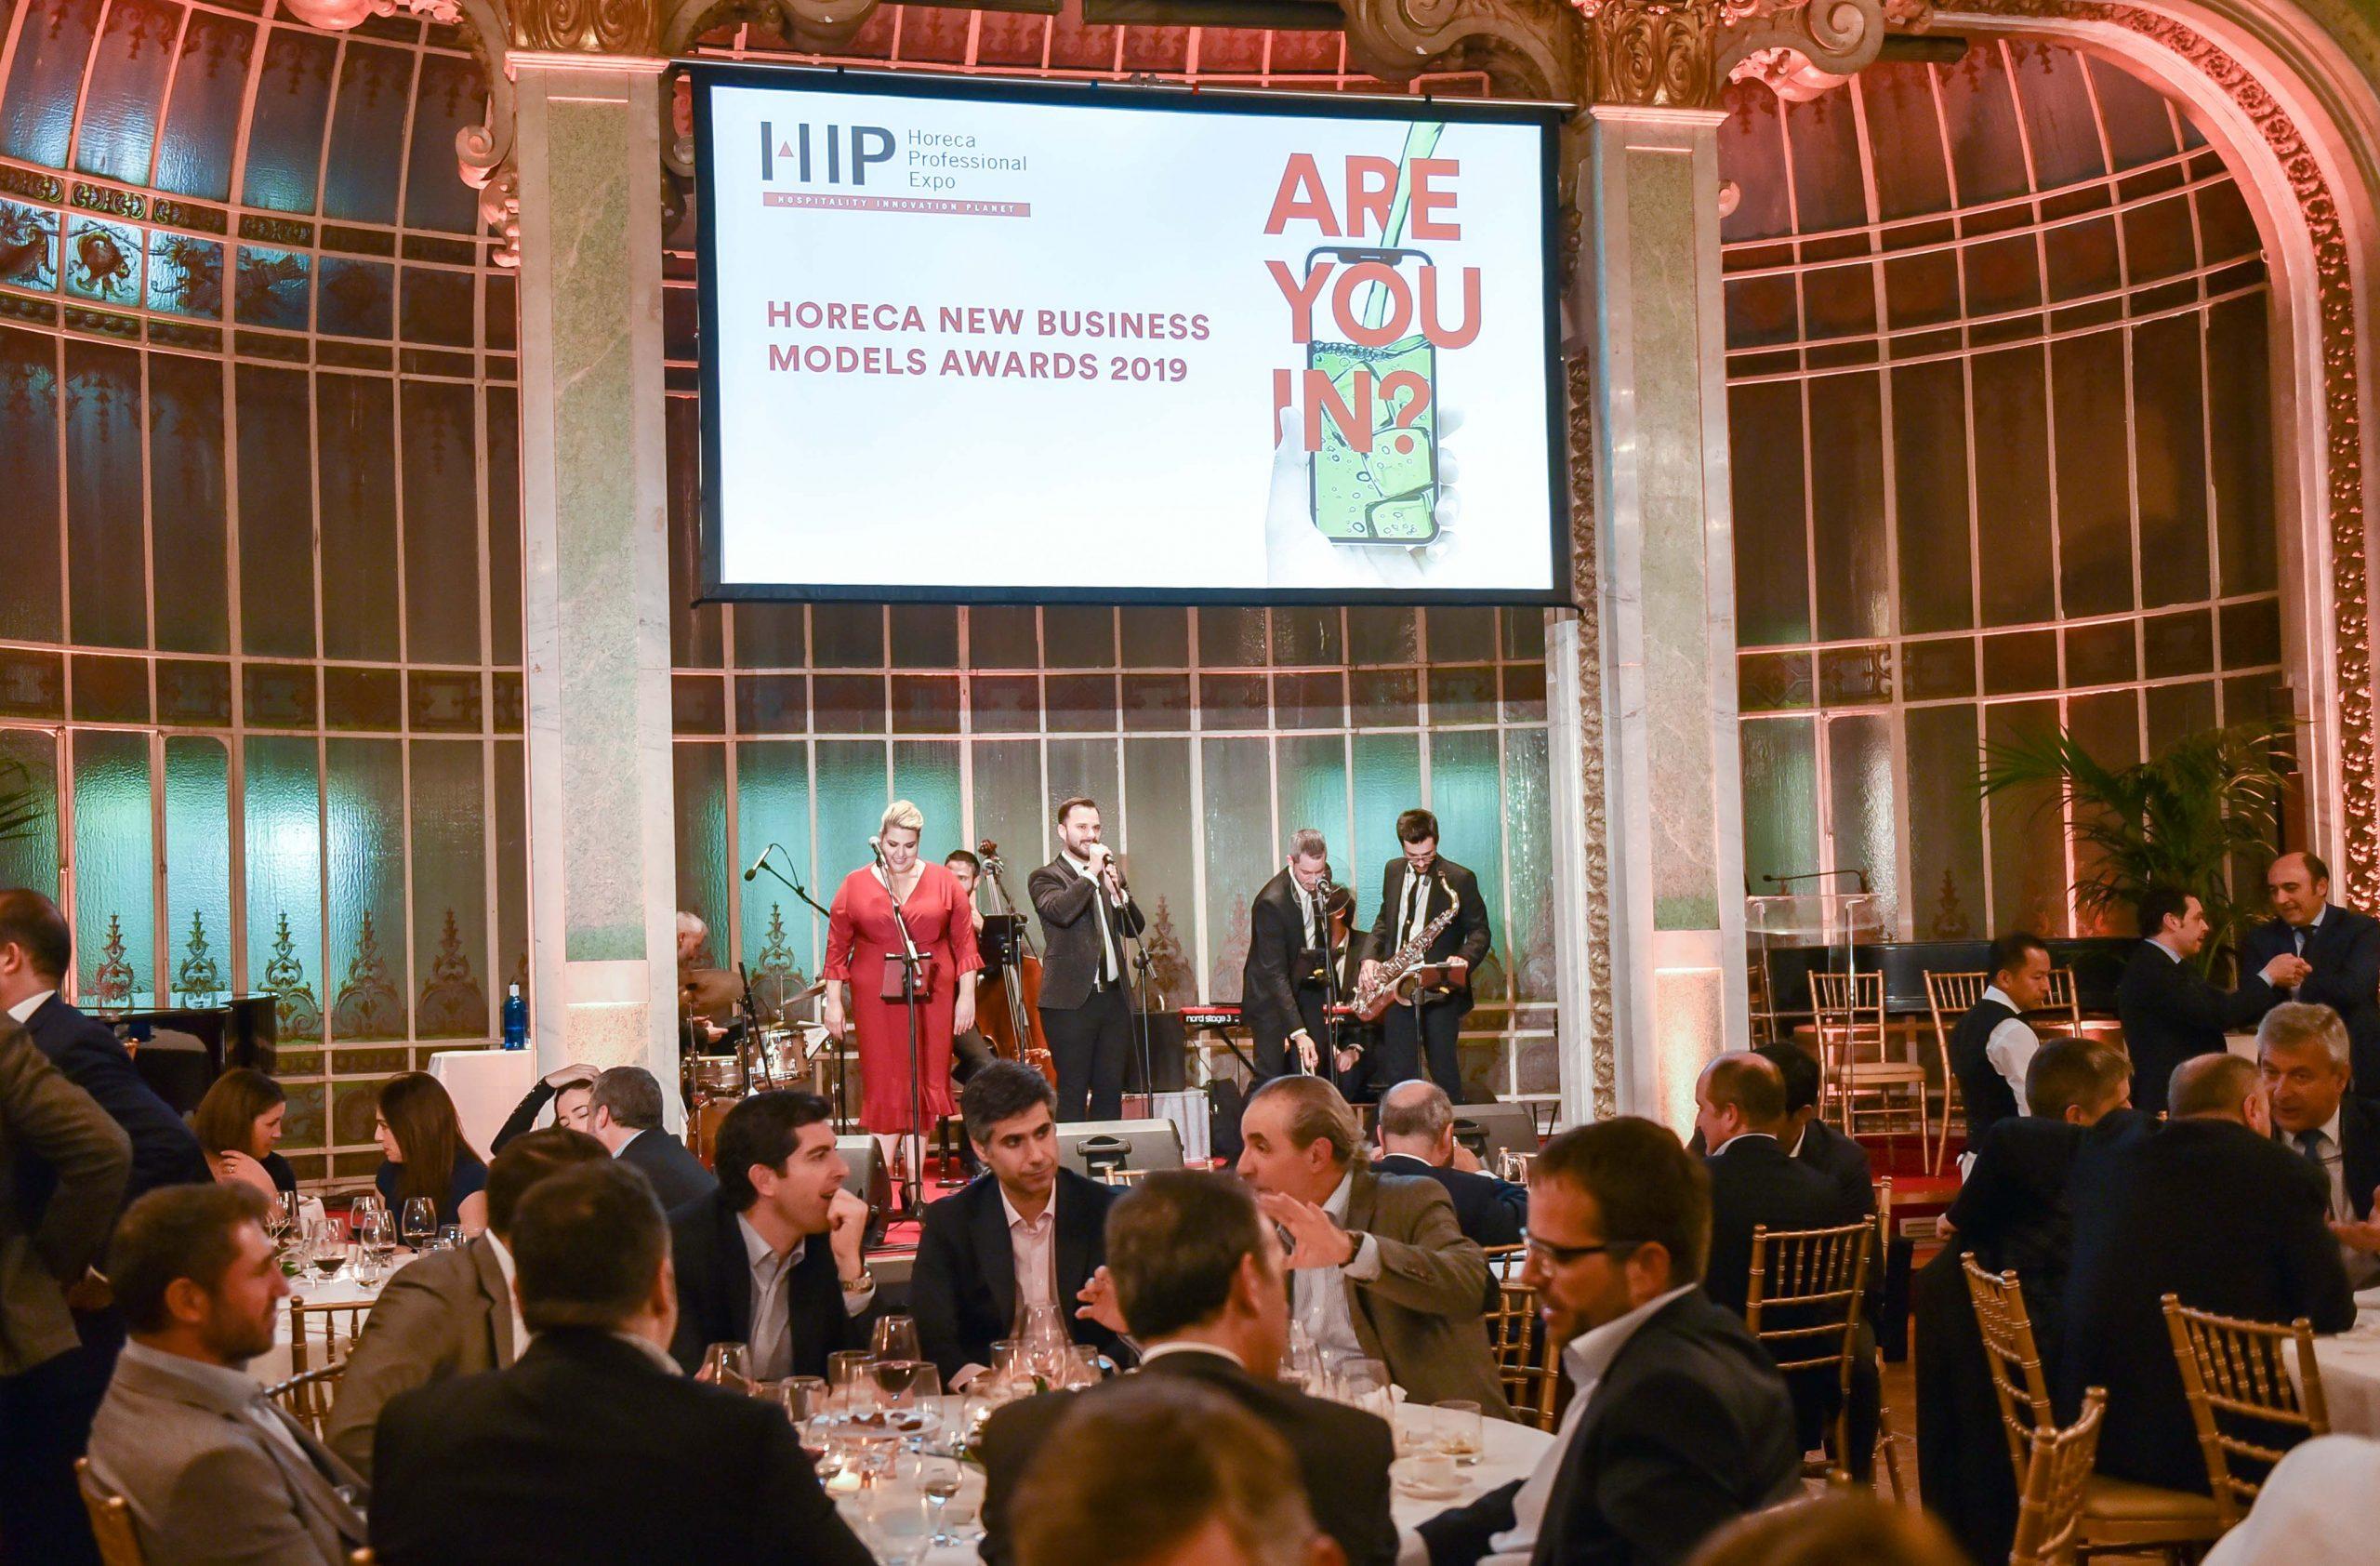 Horeca New Business Models Awards 2020: los proyectos finalistas más innovadores en hostelería y restauración